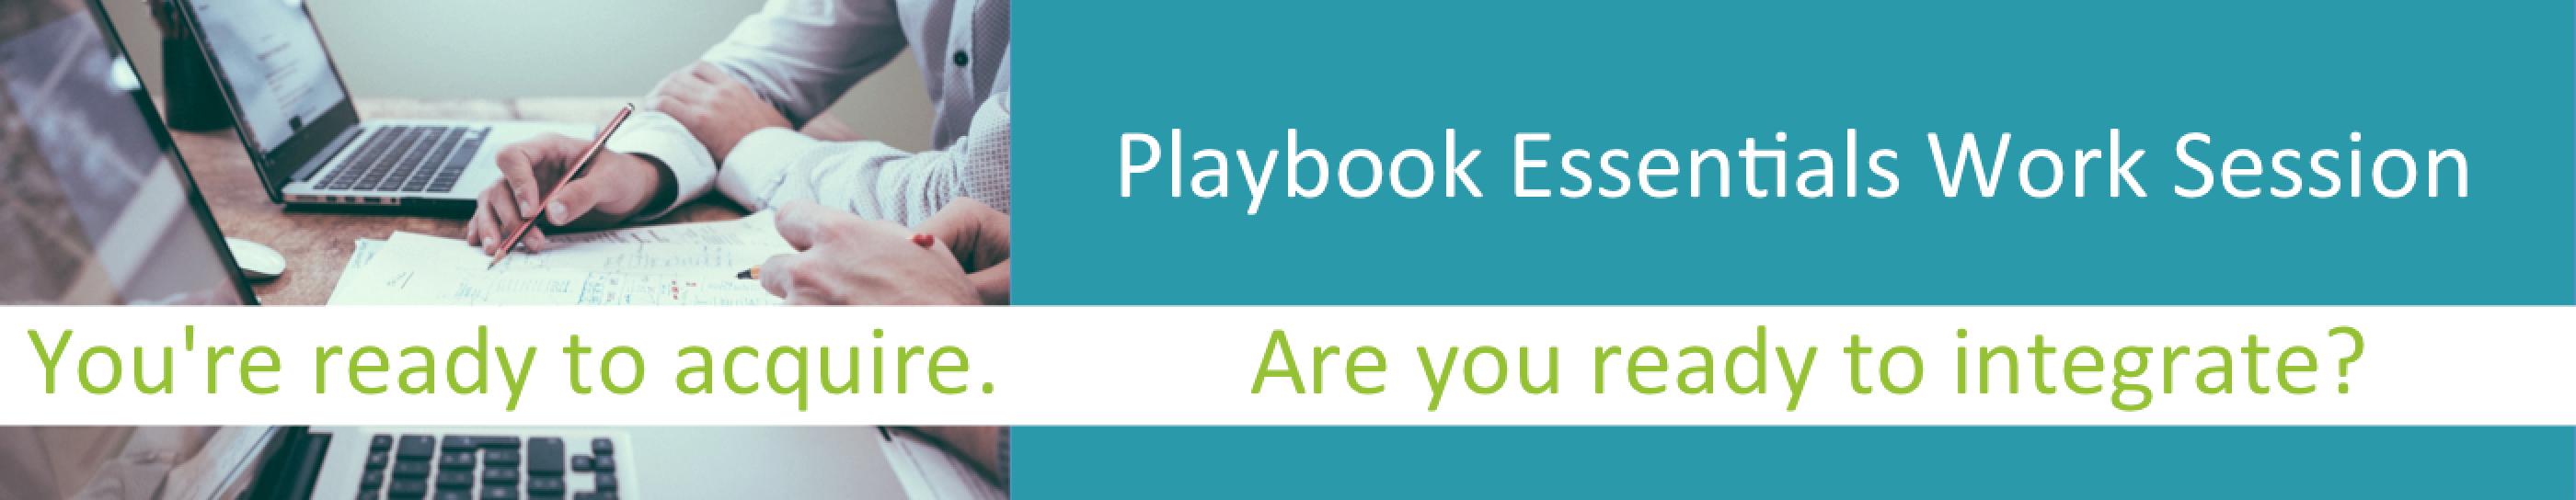 Playbook Essentials